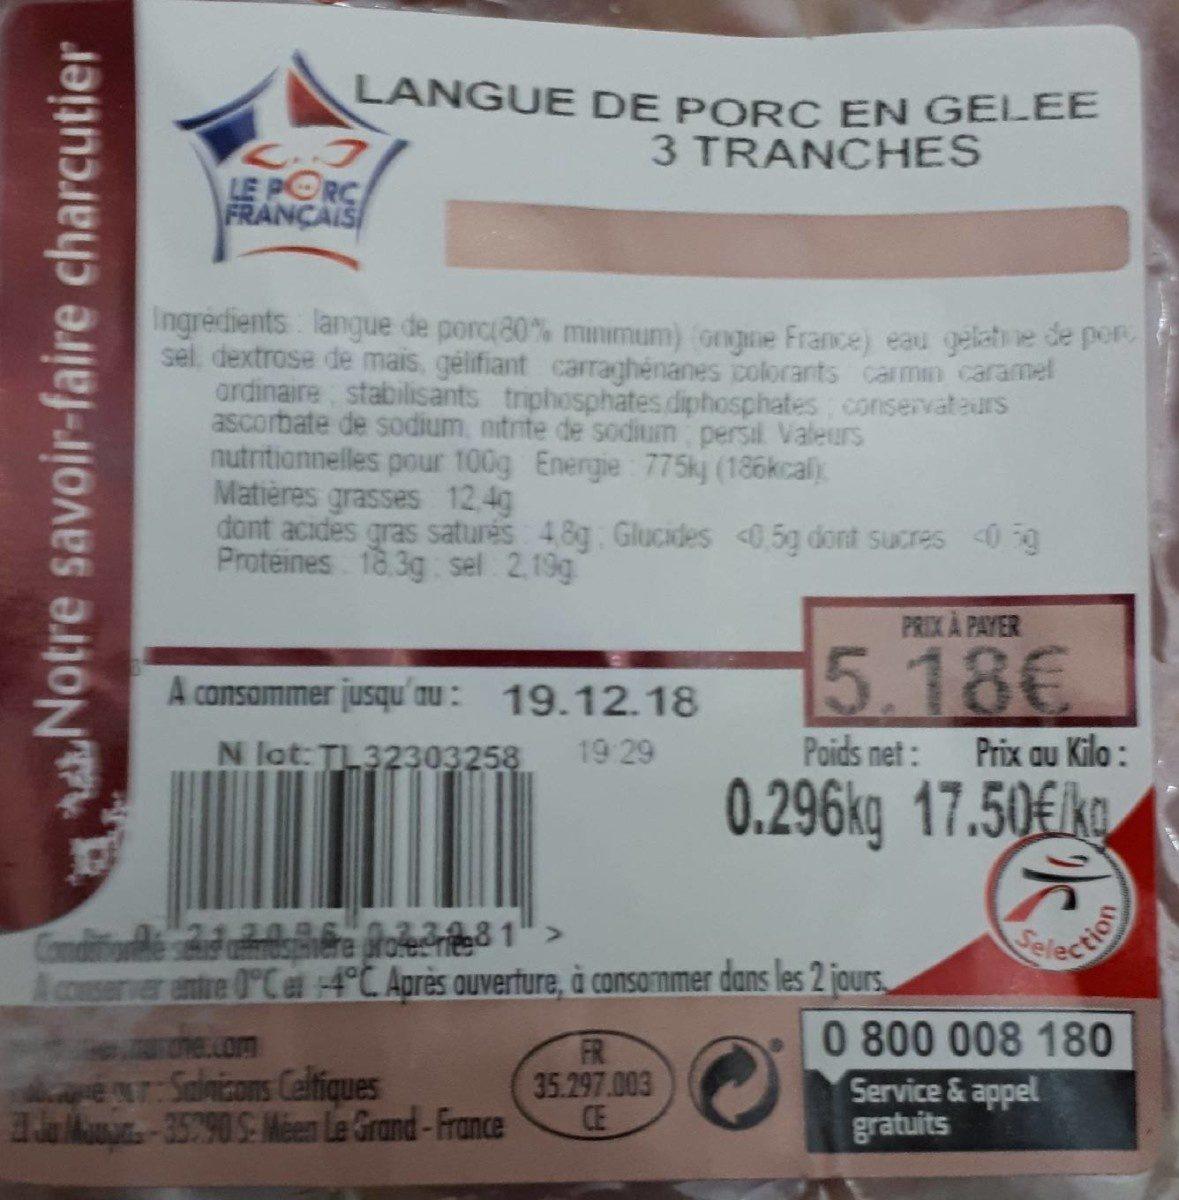 LANGUE DE PORC EN GELEE 3 TRANCHES - Product - fr